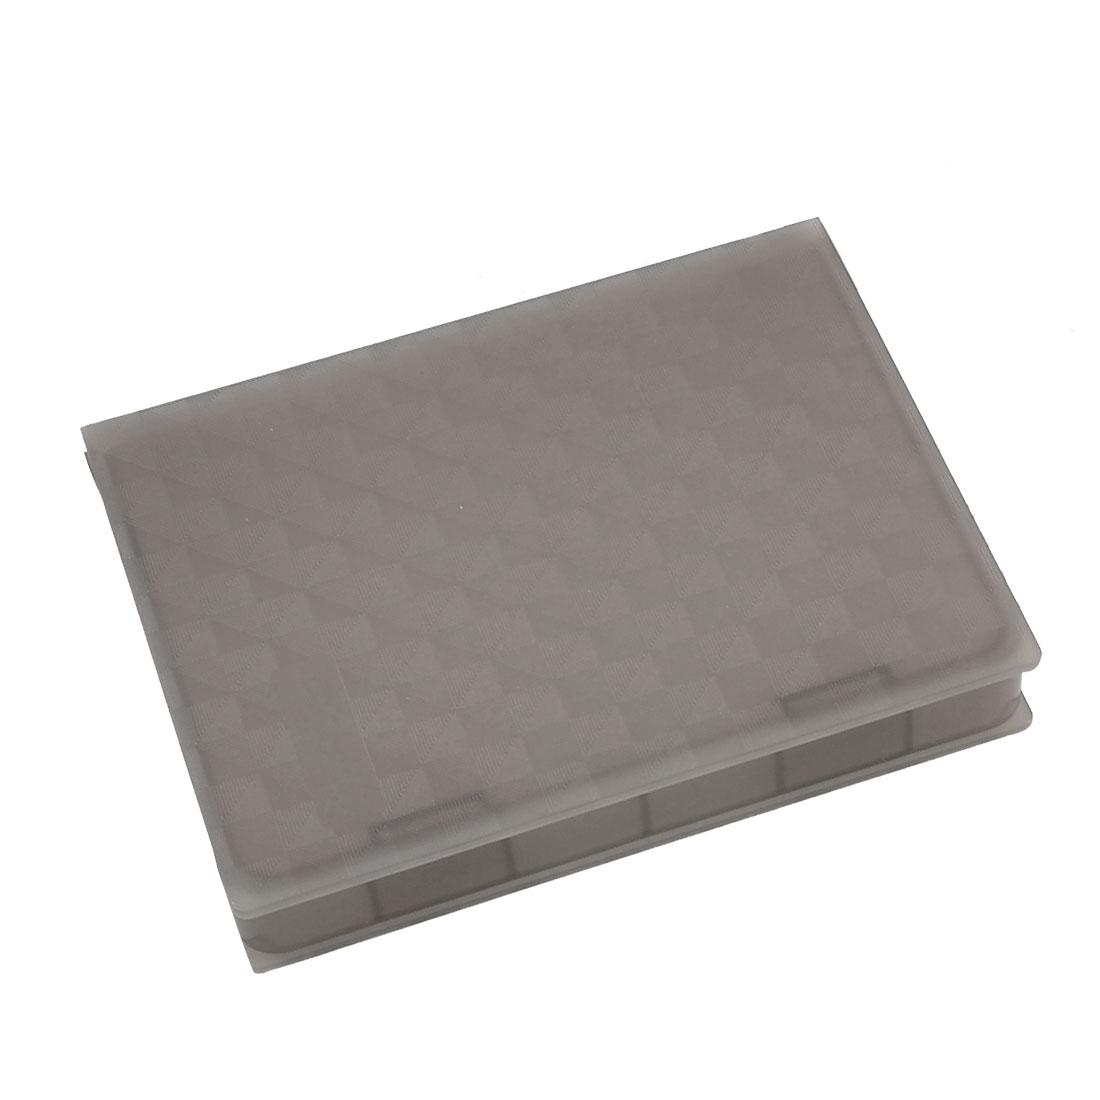 Gray Plastic 2.5 Inch IDE SATA Hard Drive HDD Store Tank Case Box